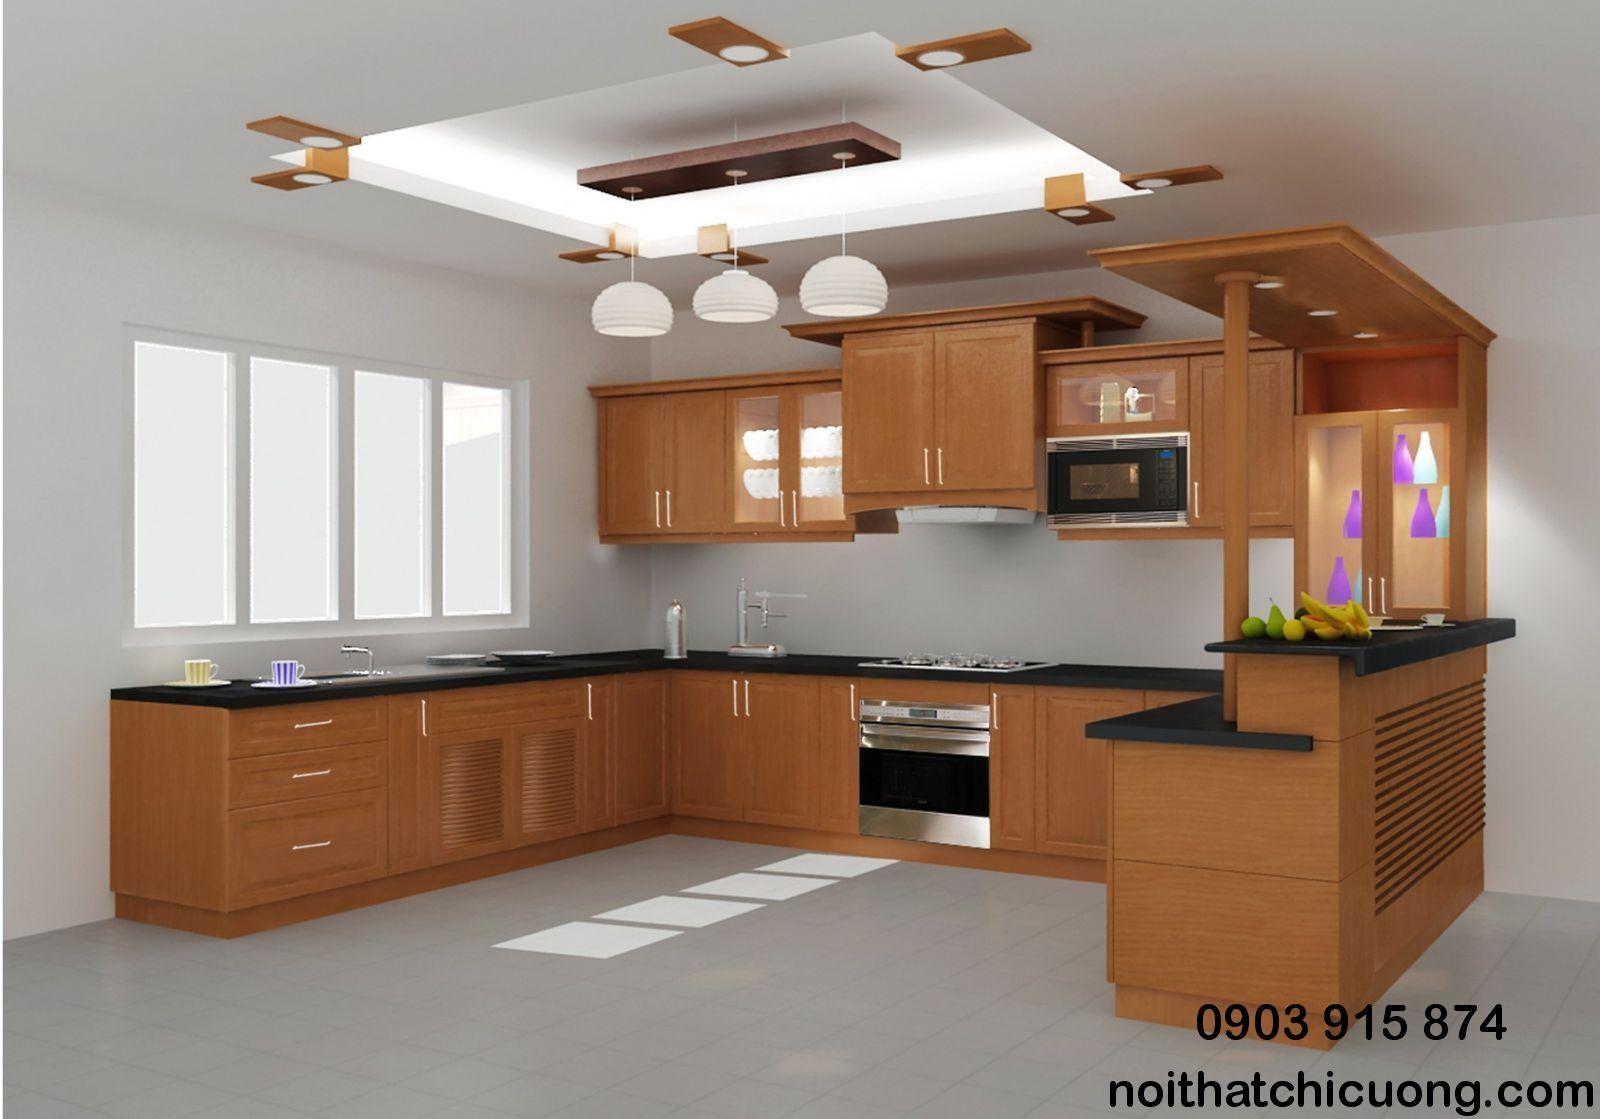 Nội Thất Phòng Bếp - Tủ Bếp Có Quầy Bar - 068